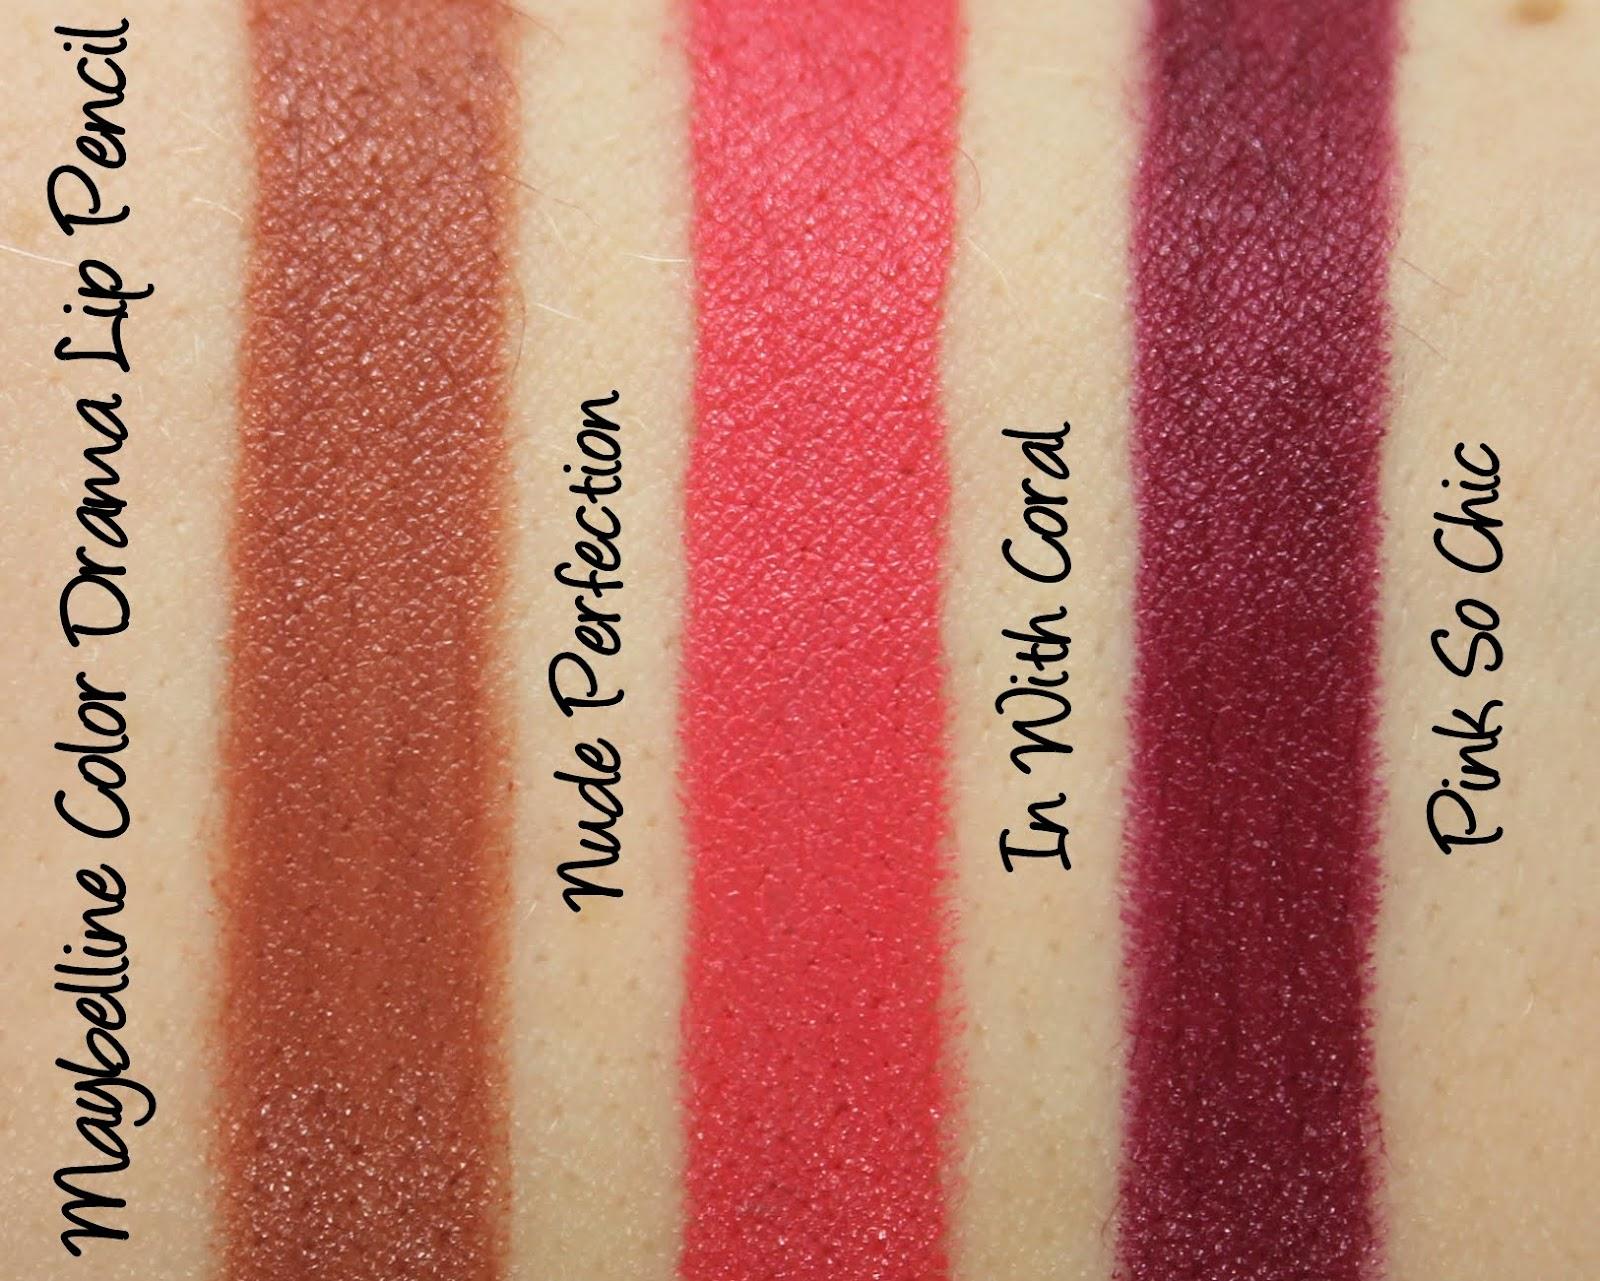 Le Crayon Countouring Lip Crayon by Lancôme #8